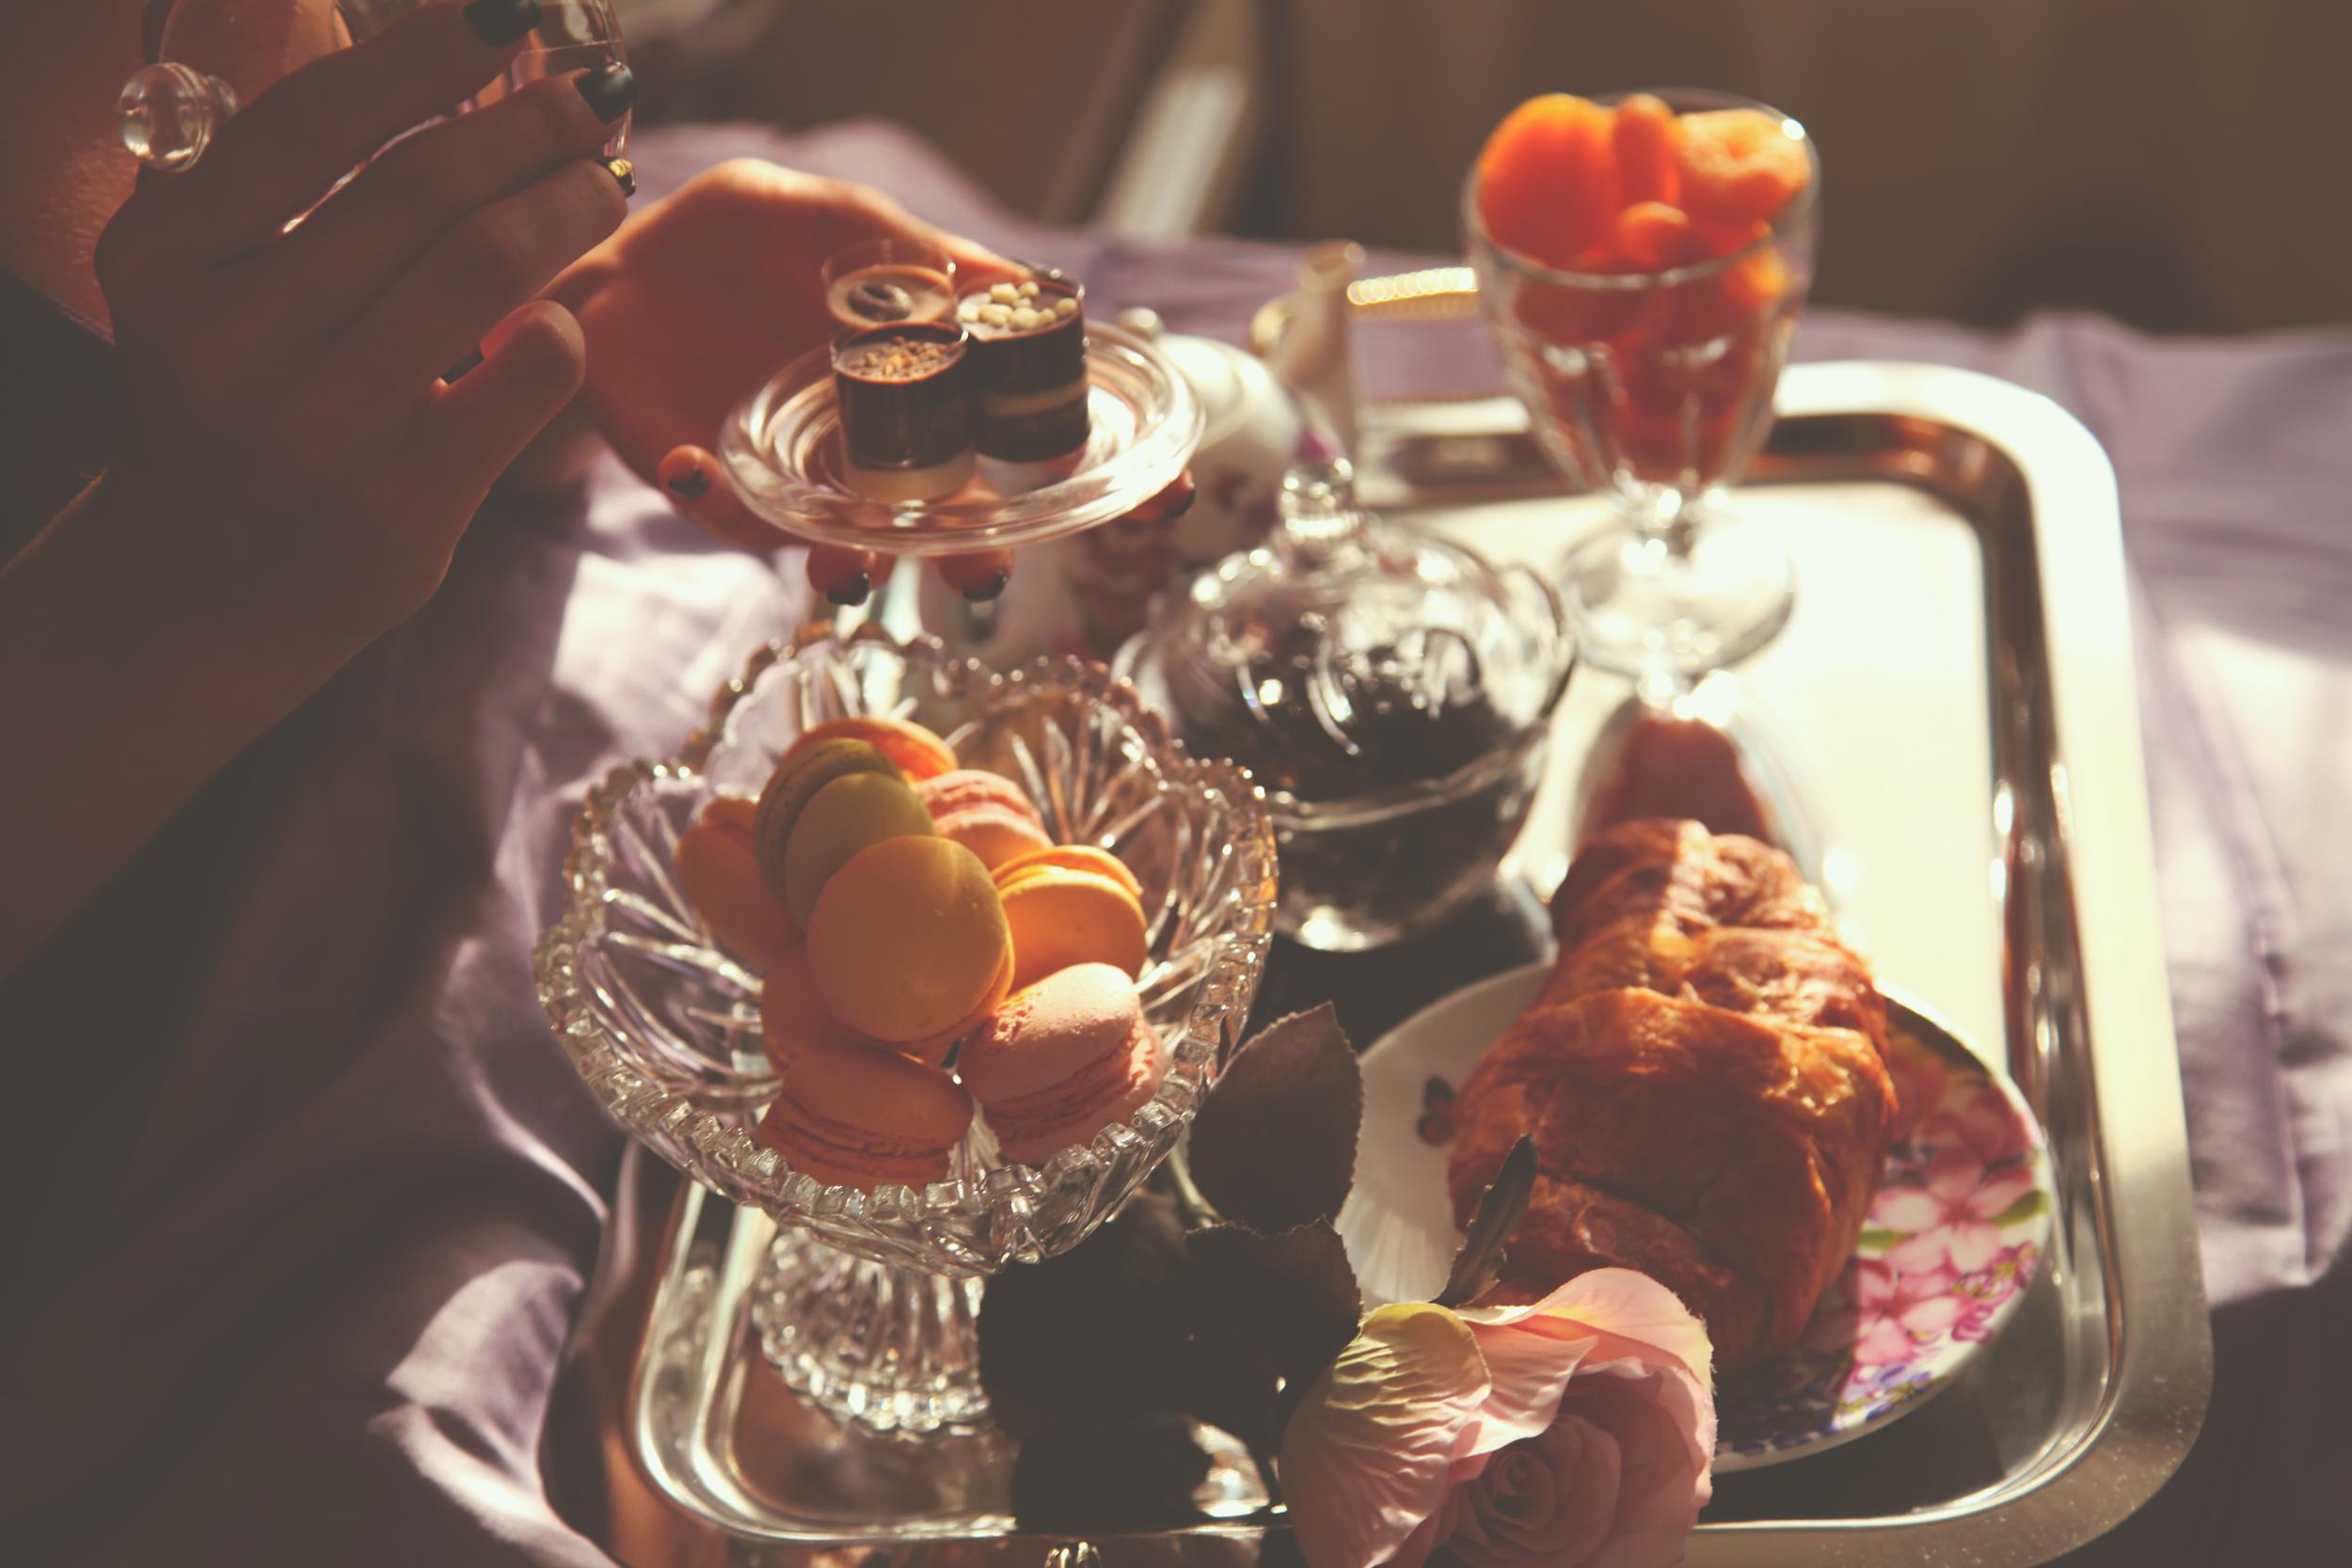 Breakfast in Bed  DYROGUE